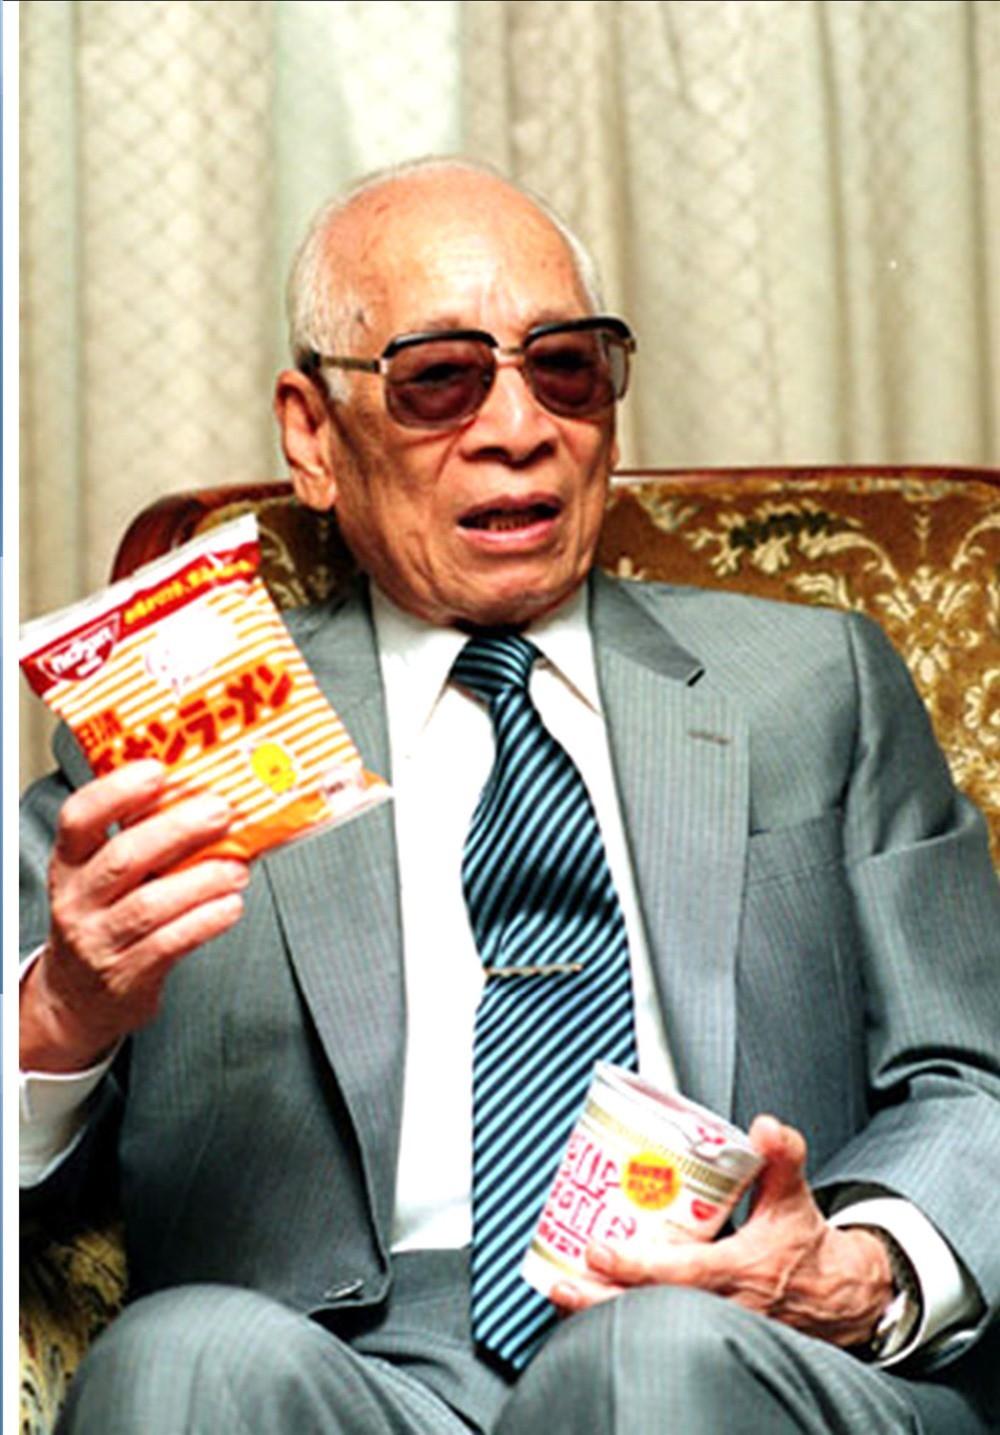 """Câu chuyện về mì ăn liền ở Trung Quốc: Vị vua thực phẩm bất ngờ bị """"thất sủng"""" và sự hồi sinh mạnh mẽ khiến ai cũng kinh ngạc - Ảnh 2."""